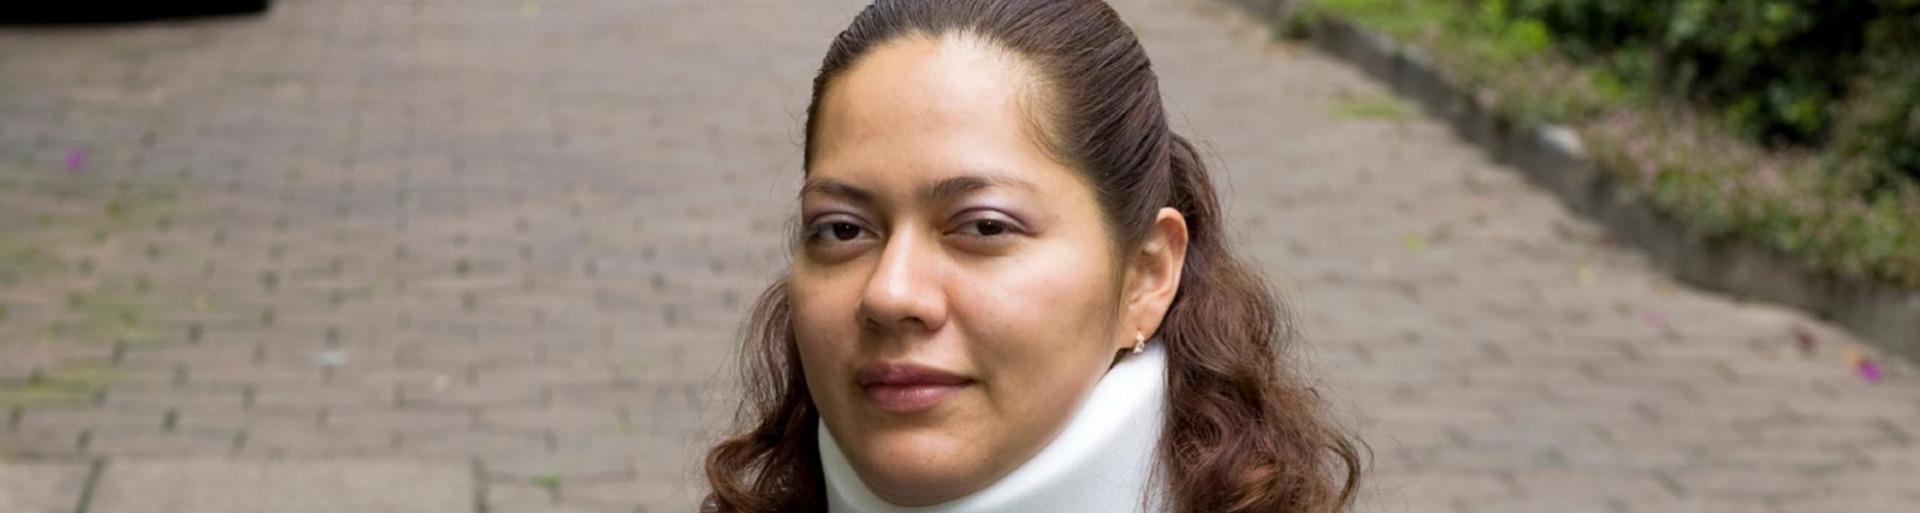 Vrouw zit in rolstoel met een nekbrace om